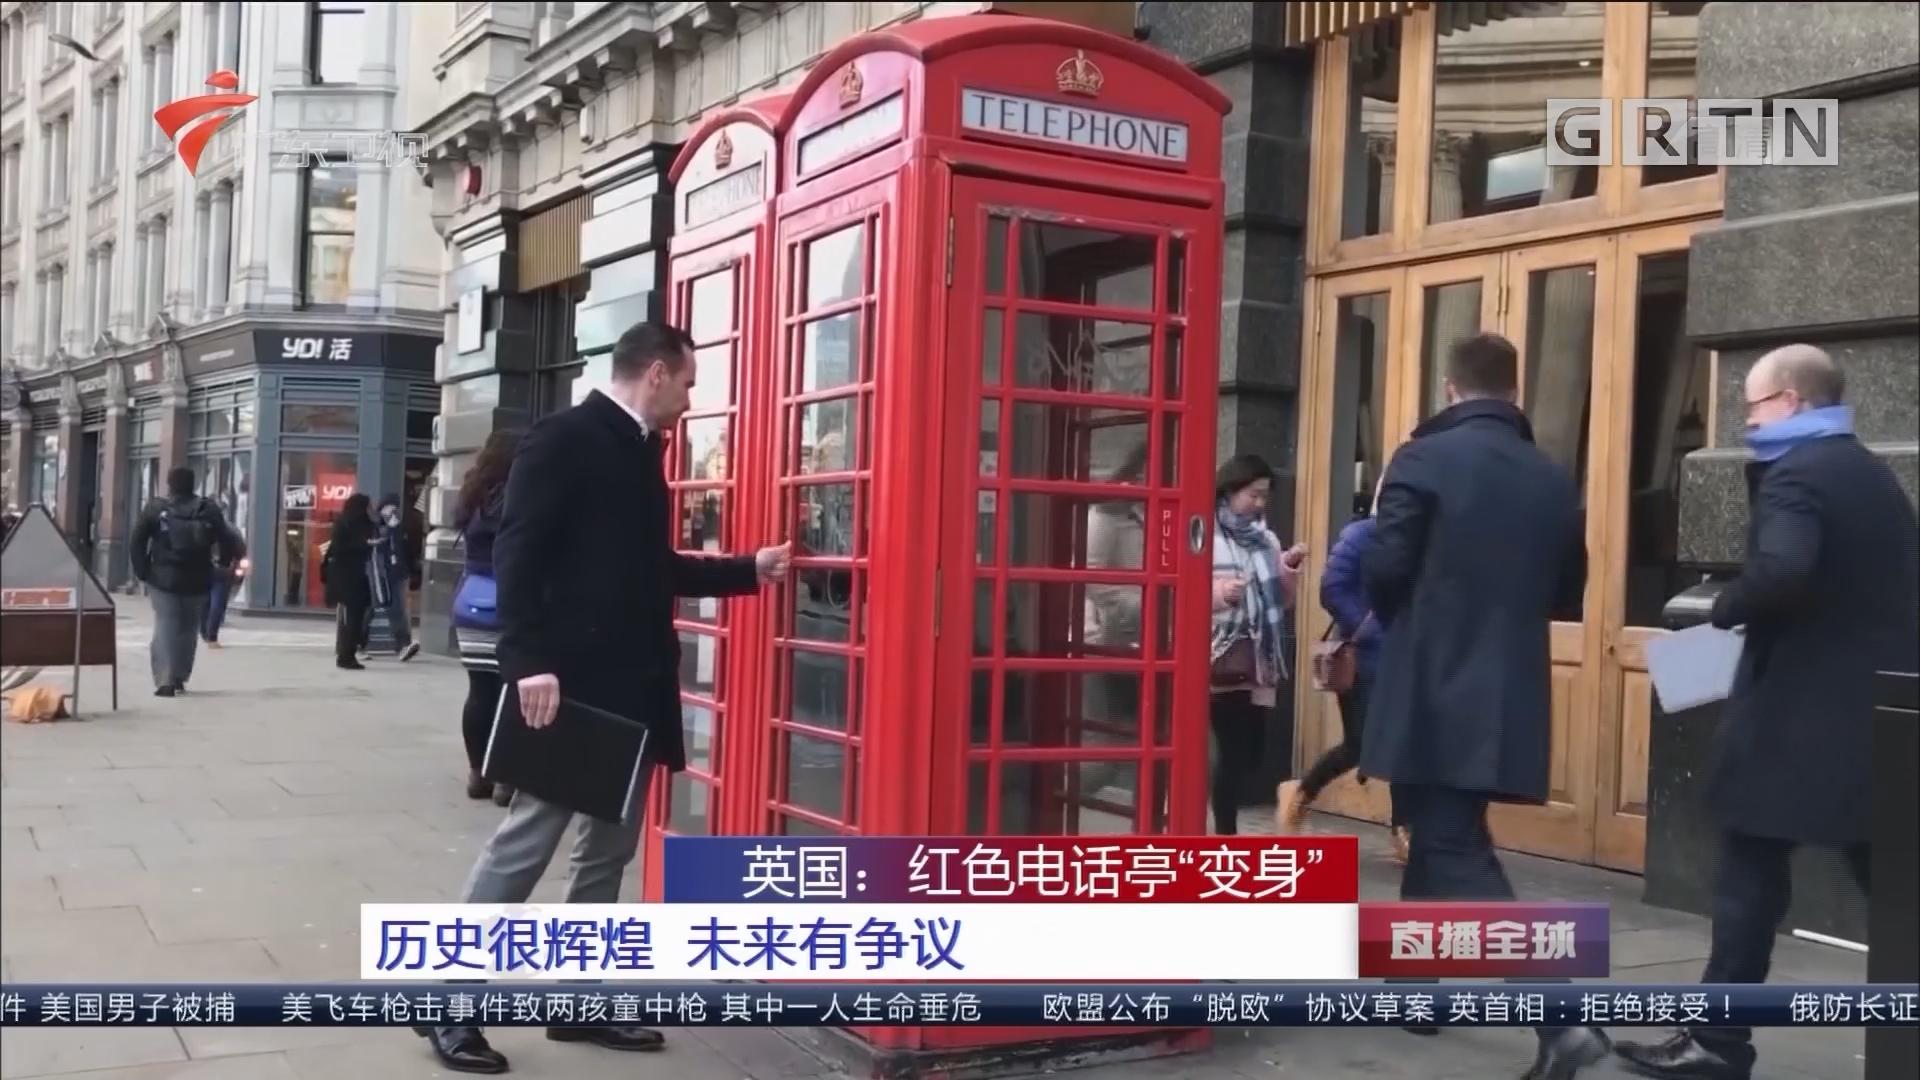 """英国:红色电话亭""""变身"""" 街头手机维修连锁店"""